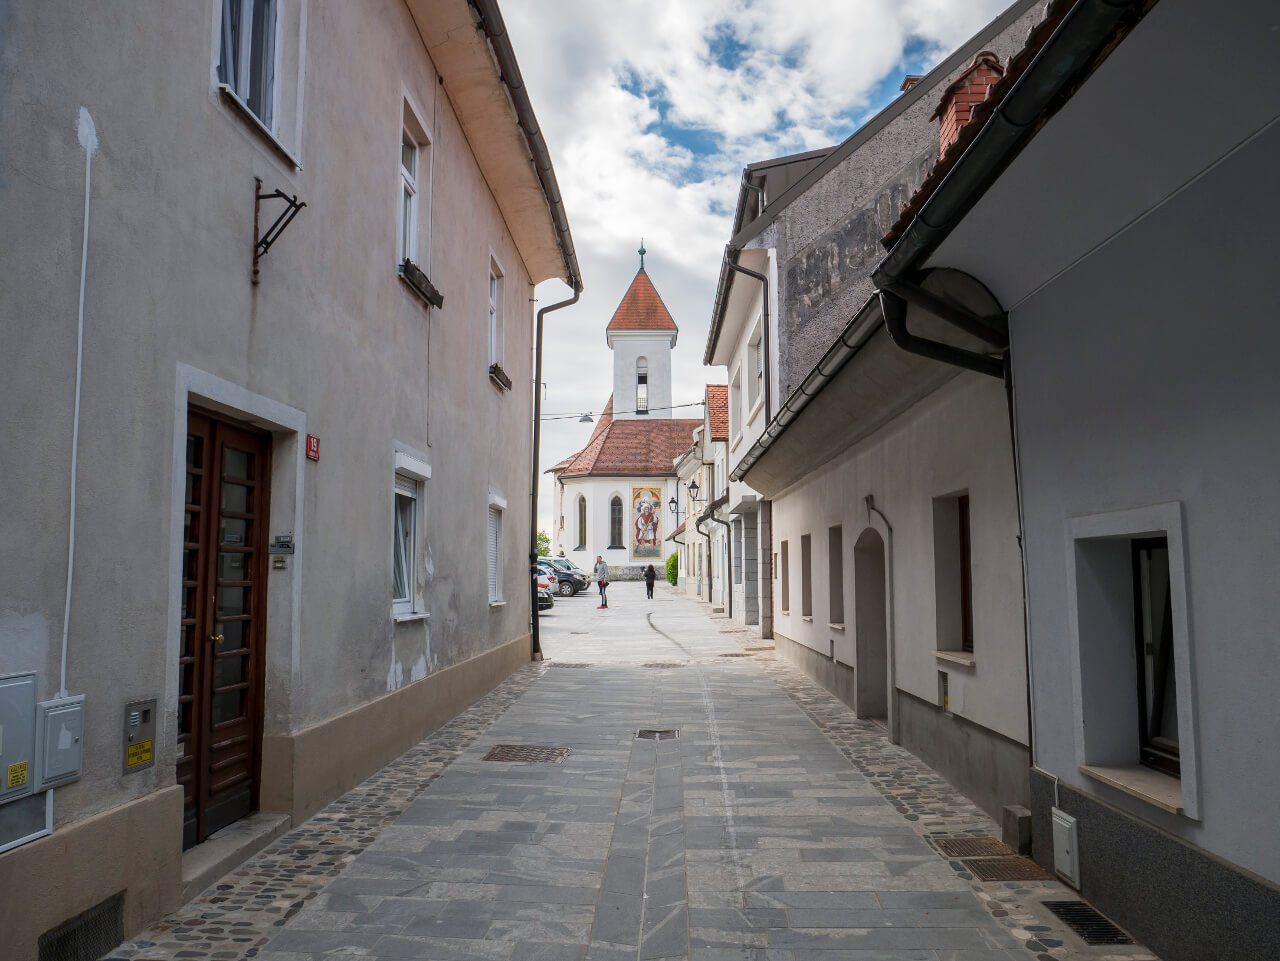 Widok na kościół św. Sebastiana, Fabiana i Rocha w Kranj (Słowenia)